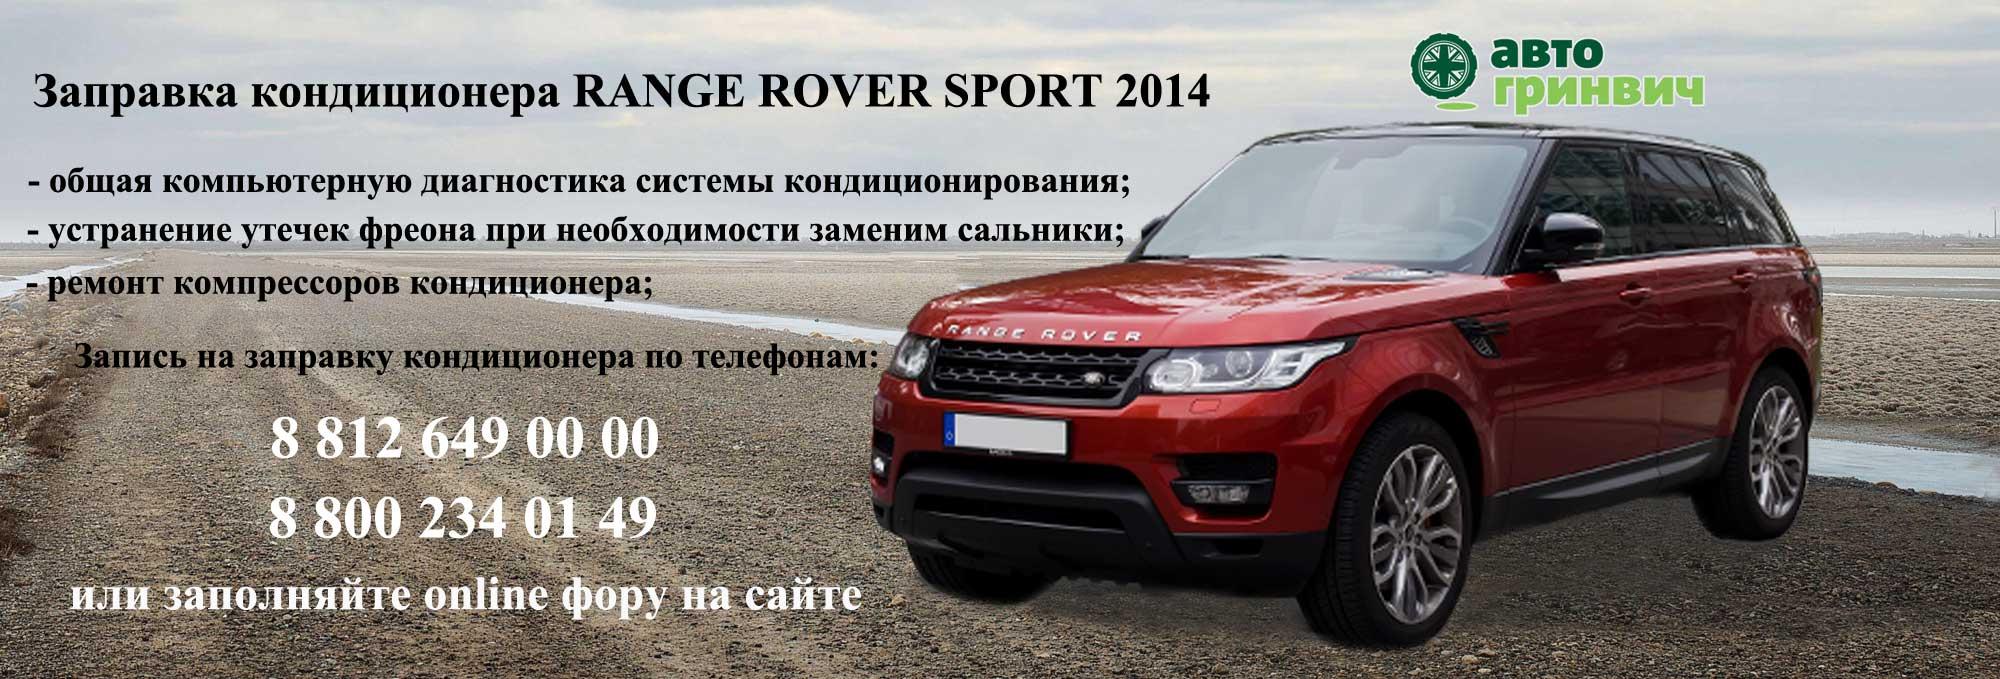 Заправка кондиционера Range Rover Sport 2014